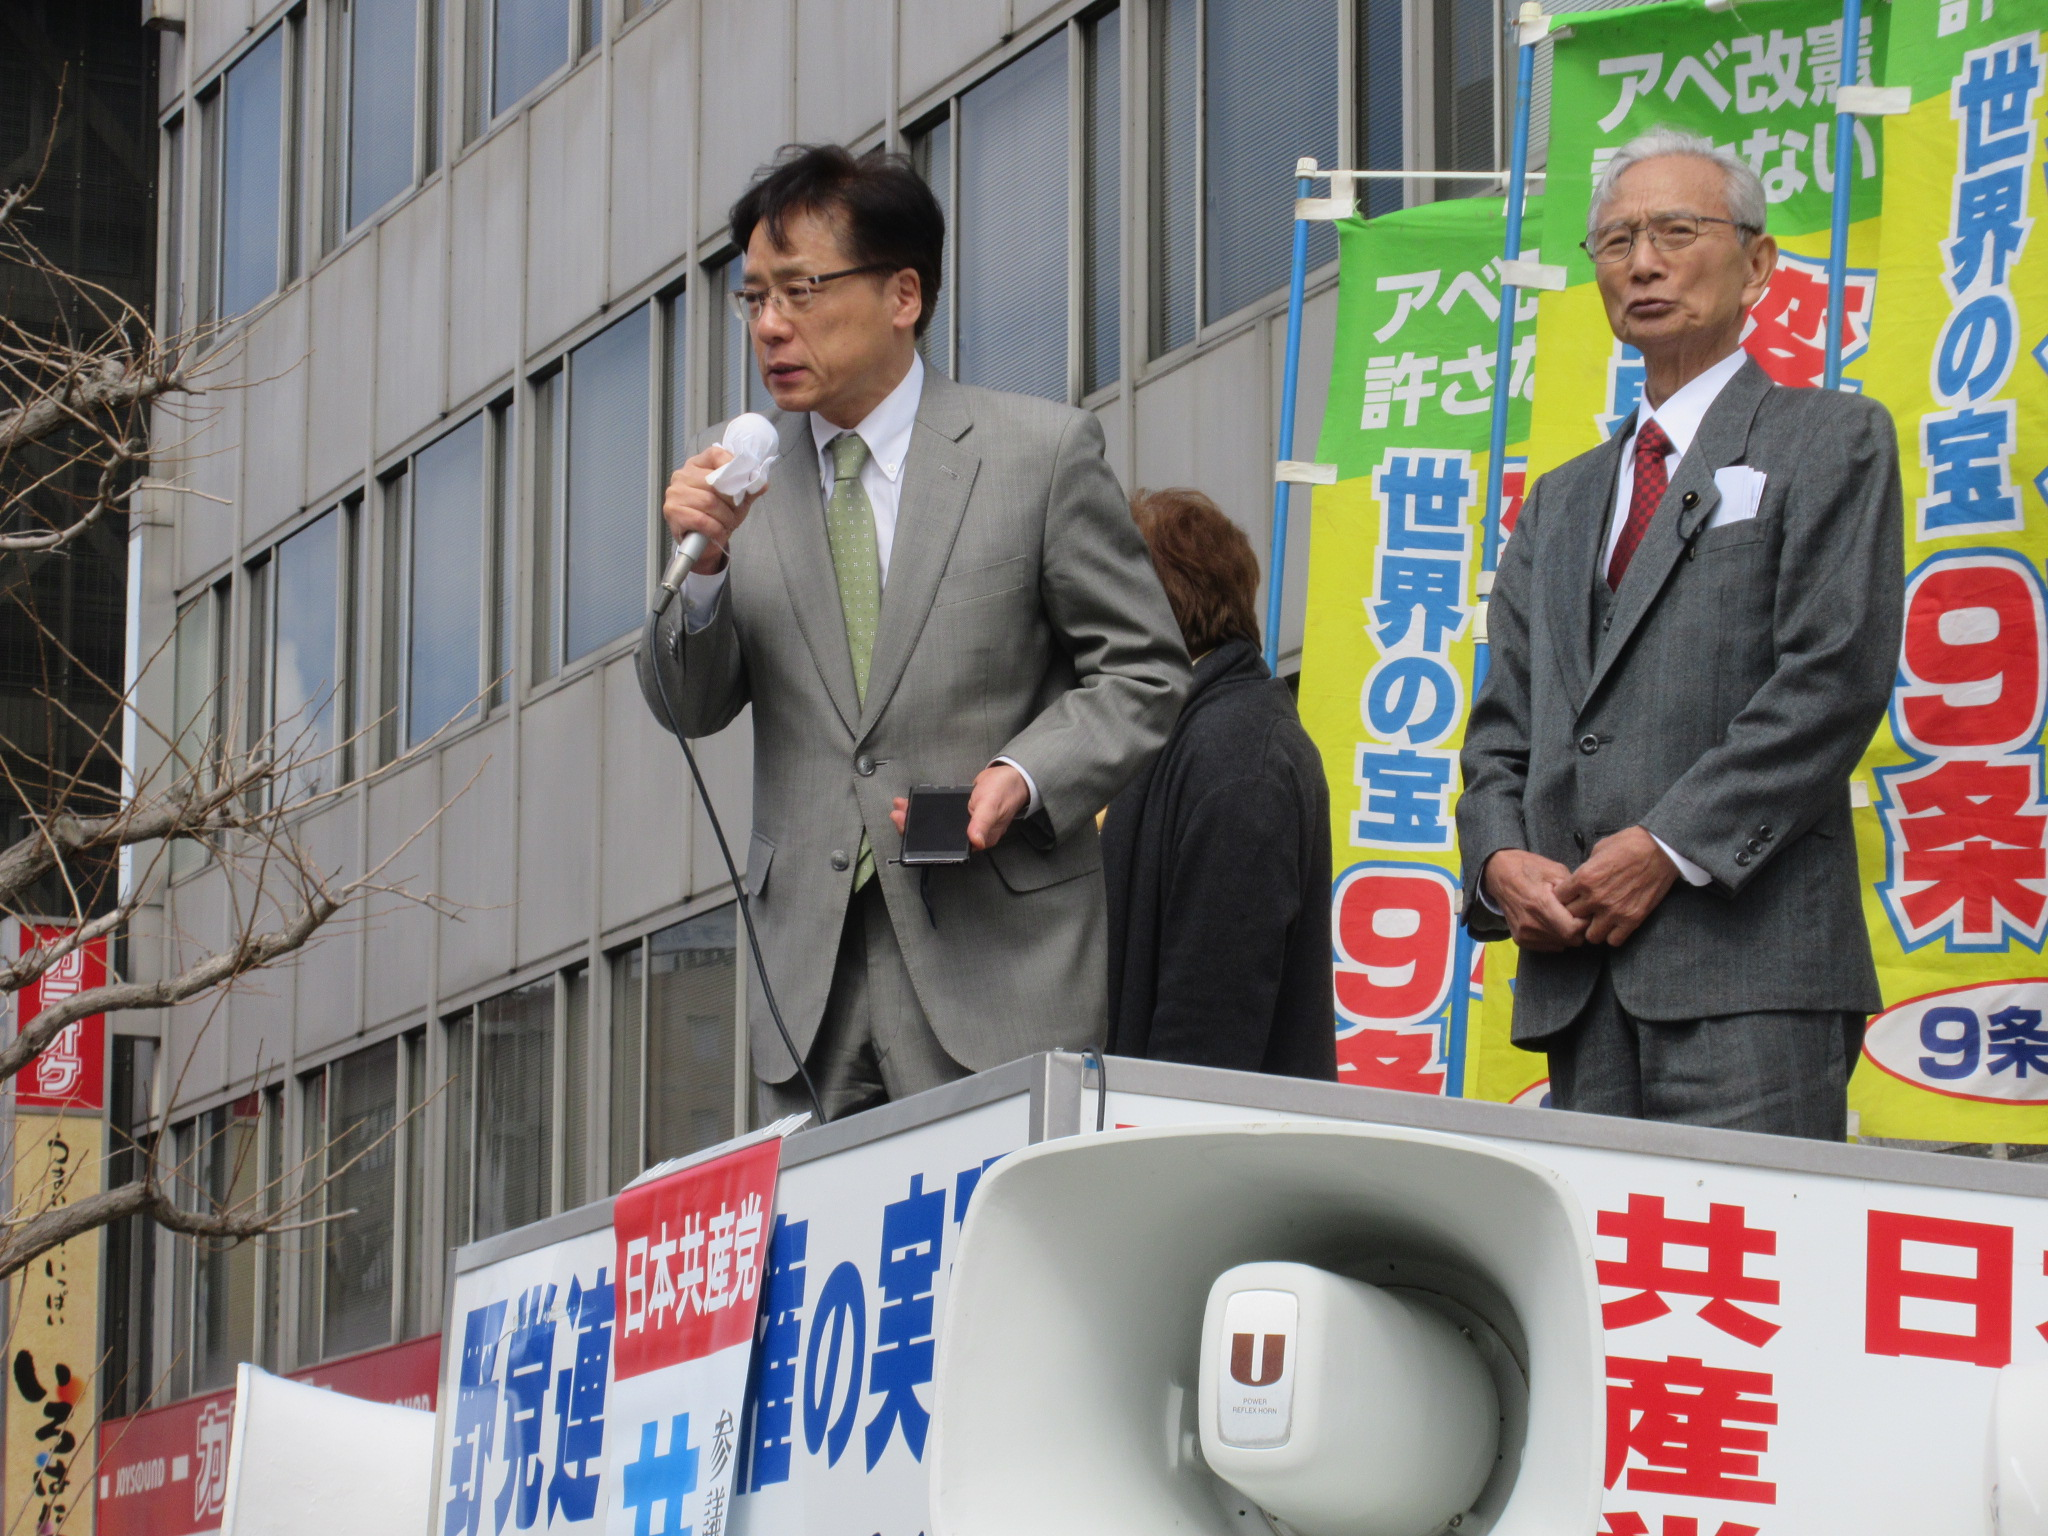 http://www.inoue-satoshi.com/diary/IMG_3765.JPG